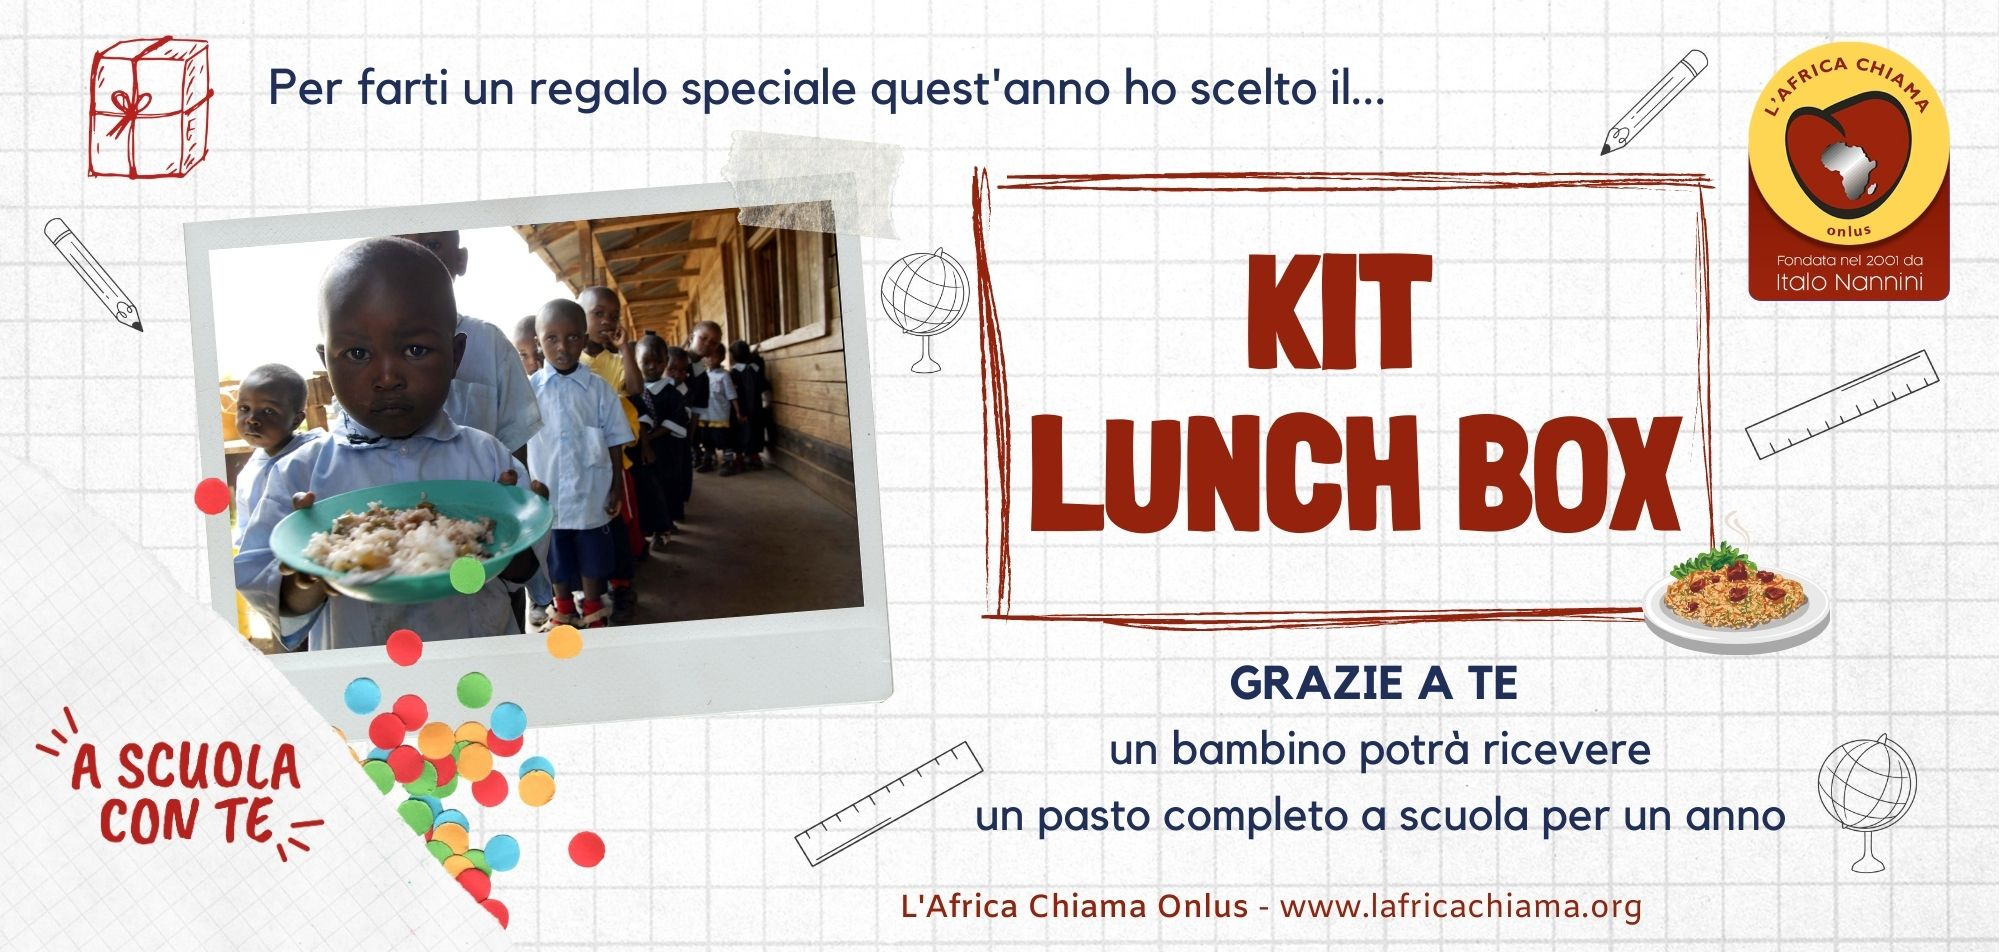 KIT Lunch box per garantire un pasto a scuola ad un bambino per 1 anno